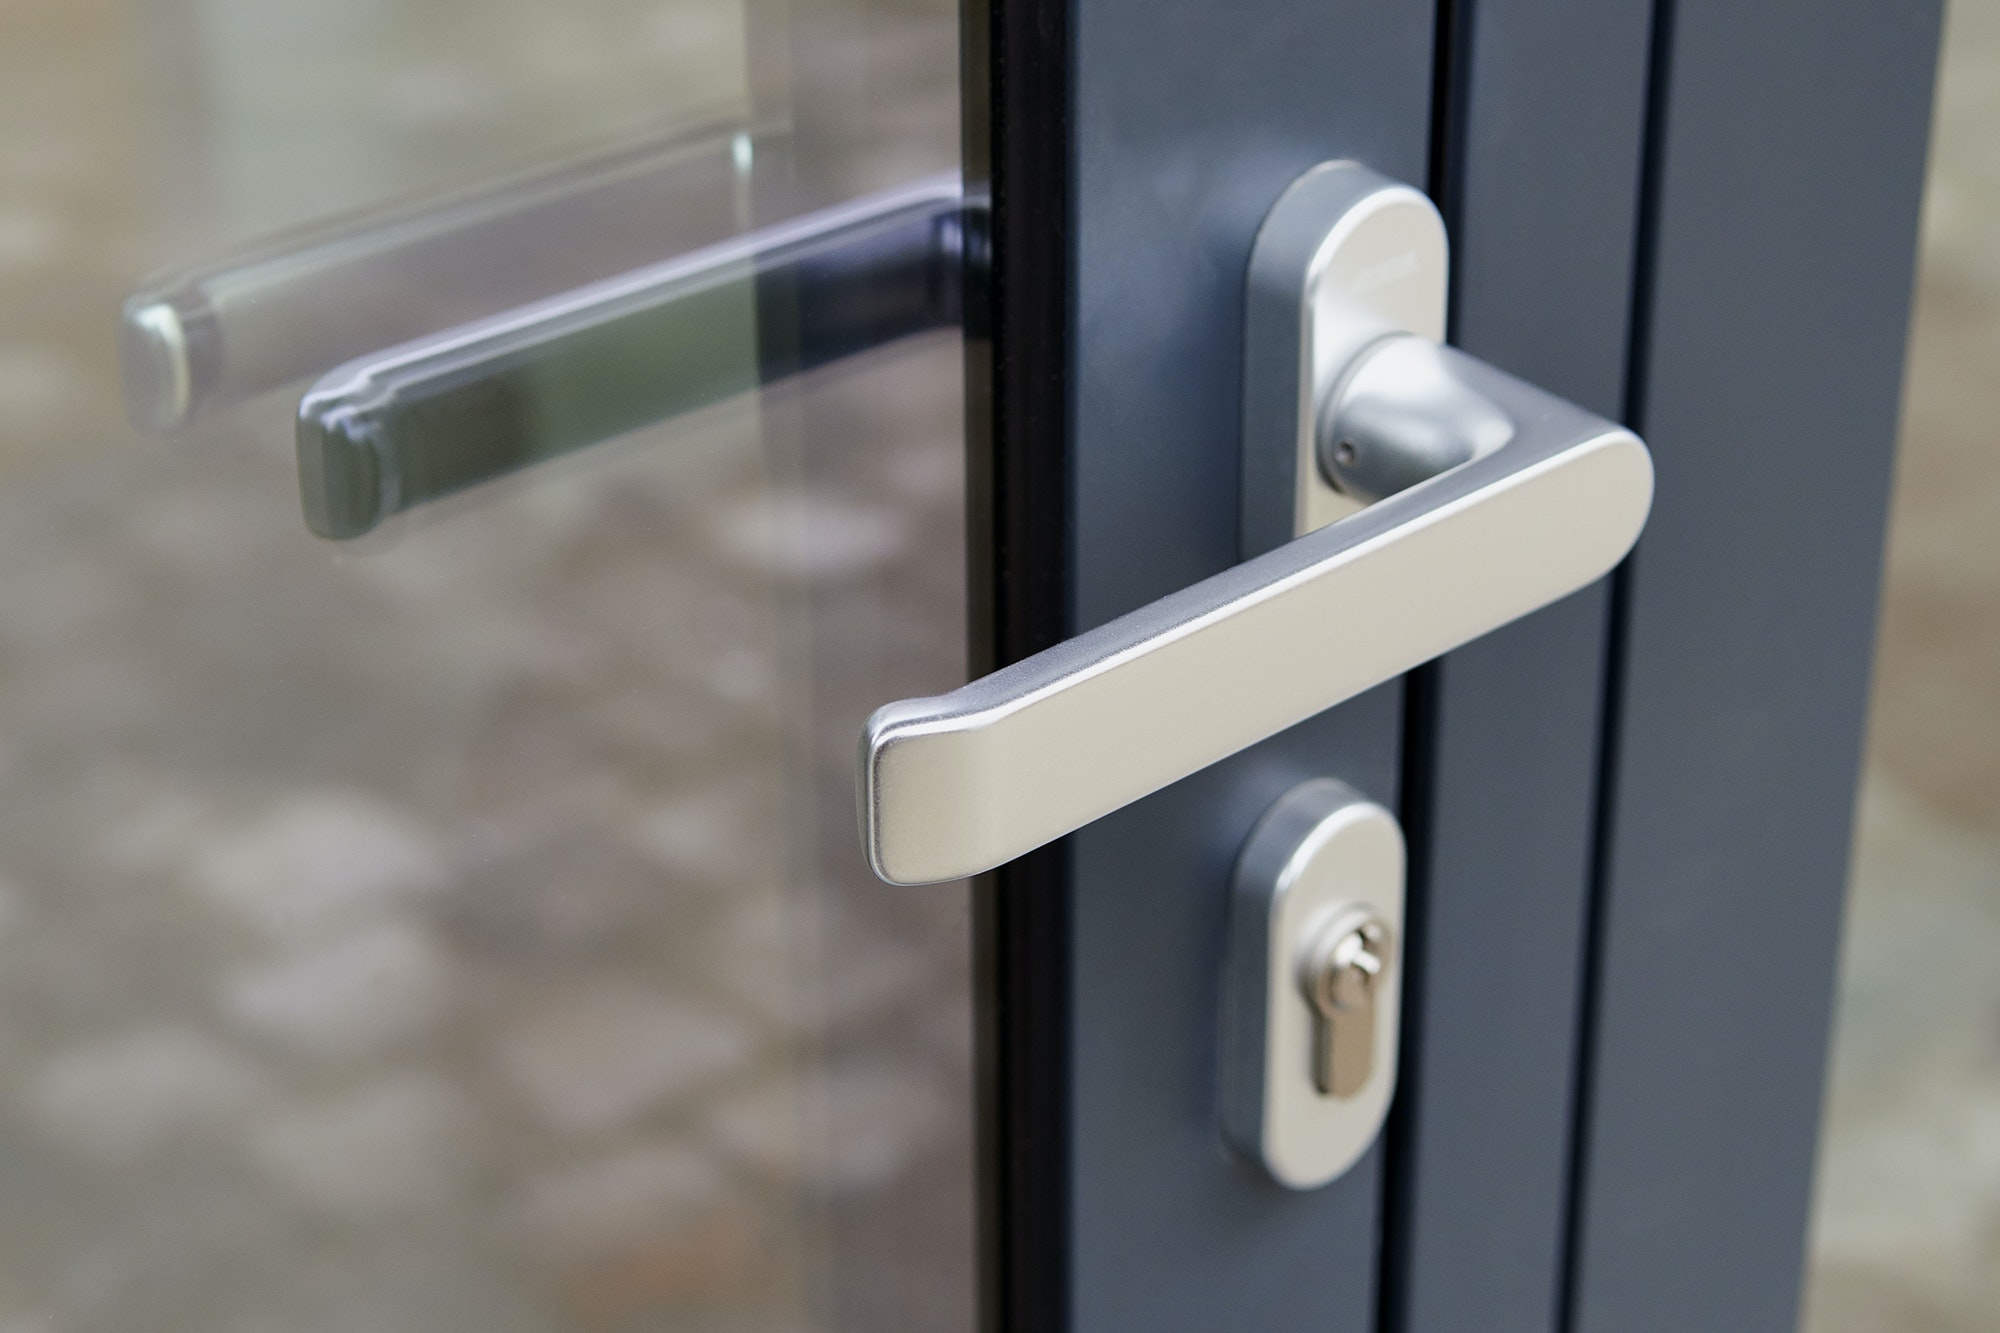 Kan ikke låse døren op, hvad skal jeg gøre? Her er Norh's låsesmed 3 bedste tips på hvad du selv kan prøve før du ringer til låsesmeden